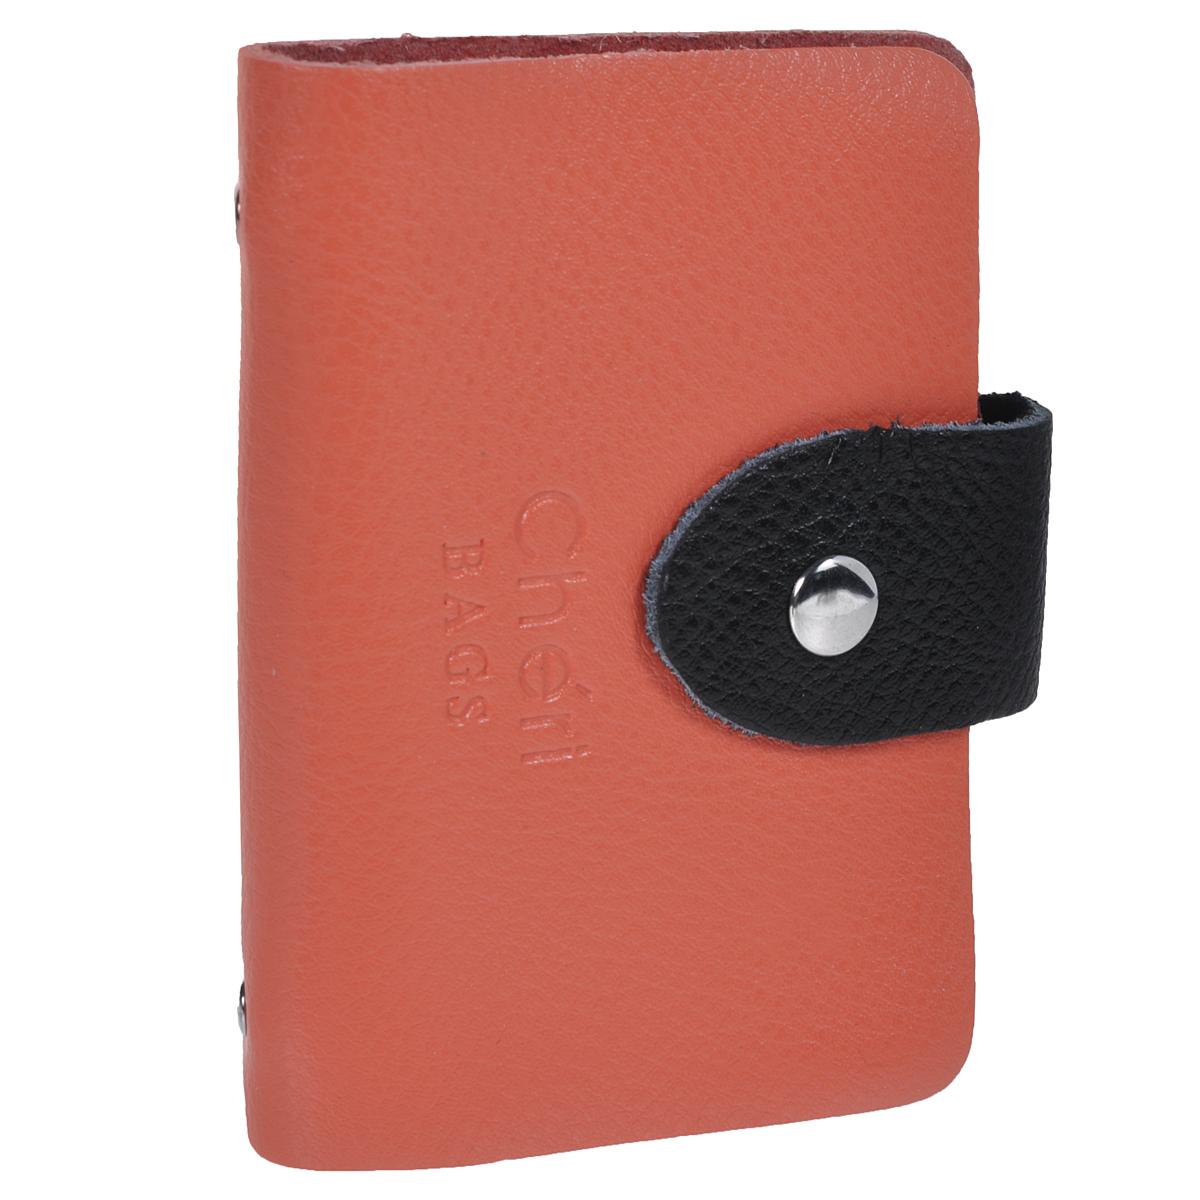 Визитница Cheribags, цвет: коралловый, черный. V-0498-32ДЧТрендовая визитница Cheribags изготовлена из натуральной кожи и декорирована тисненым названием бренда спереди. Изделие закрывается хлястиком на кнопку. Внутри - блок из прозрачного мягкого пластика на 26 визиток, который крепится к корпусу визитницы на металлические заклепки.Стильная визитница - это не только практичная вещь для хранения пластиковых карт, но и модный аксессуар, который подчеркнет ваш неповторимый стиль.